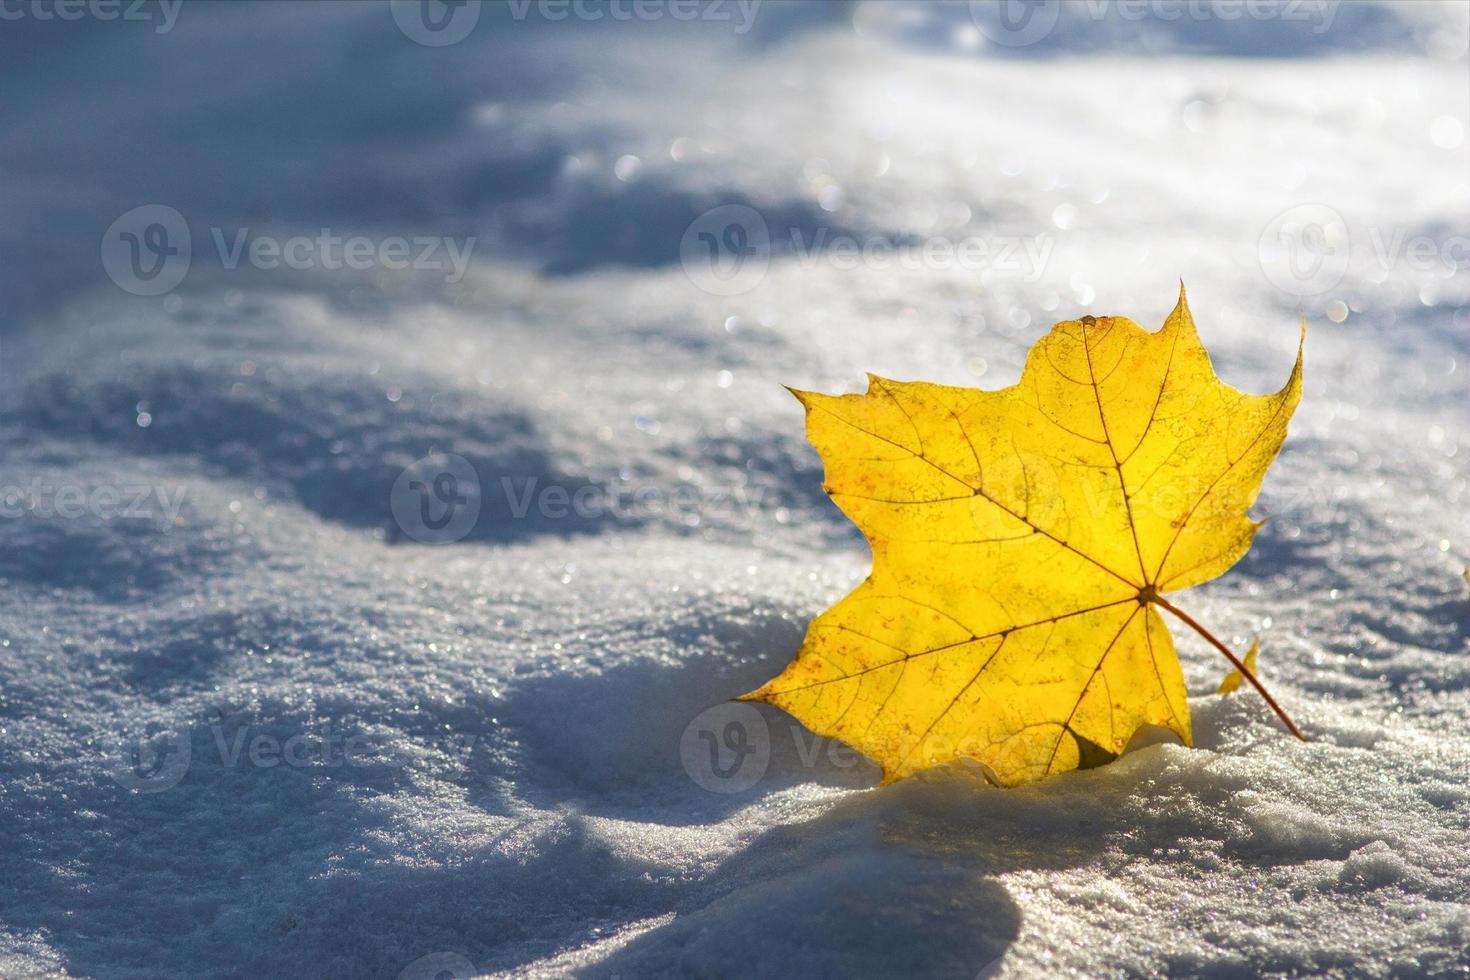 närbild av blad på den första snön i starkt solsken. foto